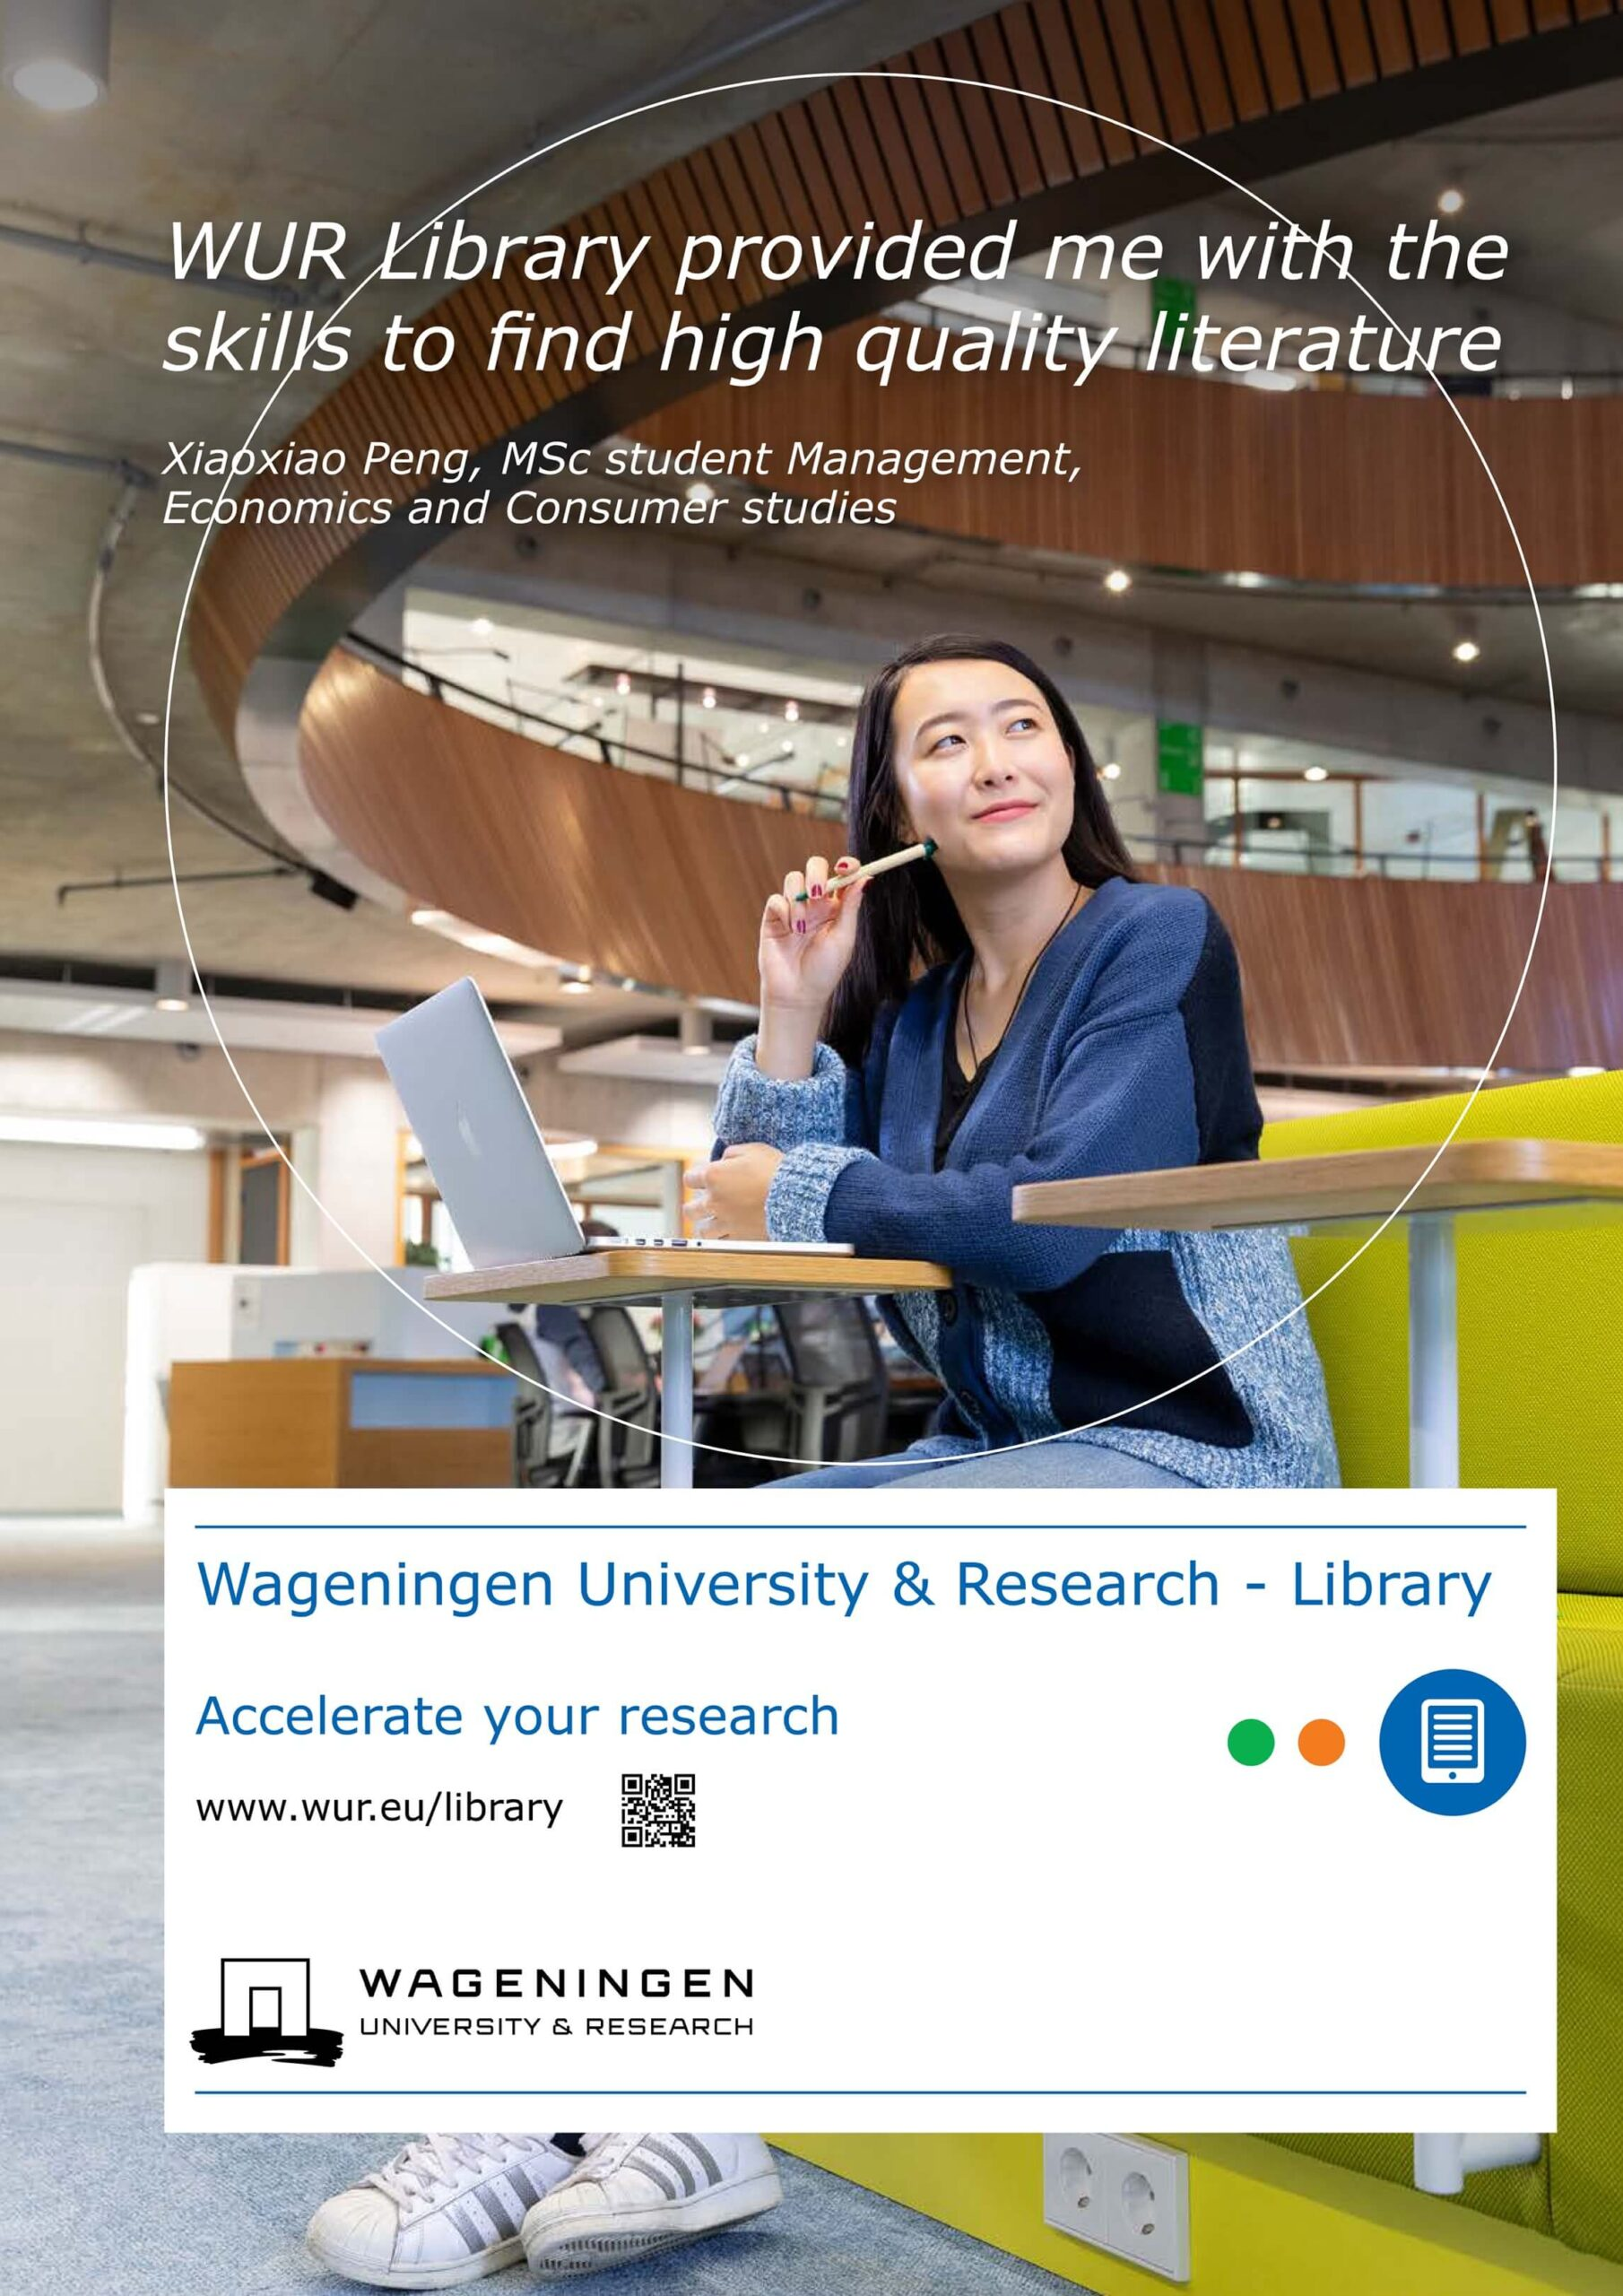 portret student Jurjen Poeles Fotografie campagne beelden Wageningen University & Research Library locatie universiteit bibliotheek testimonial WUR